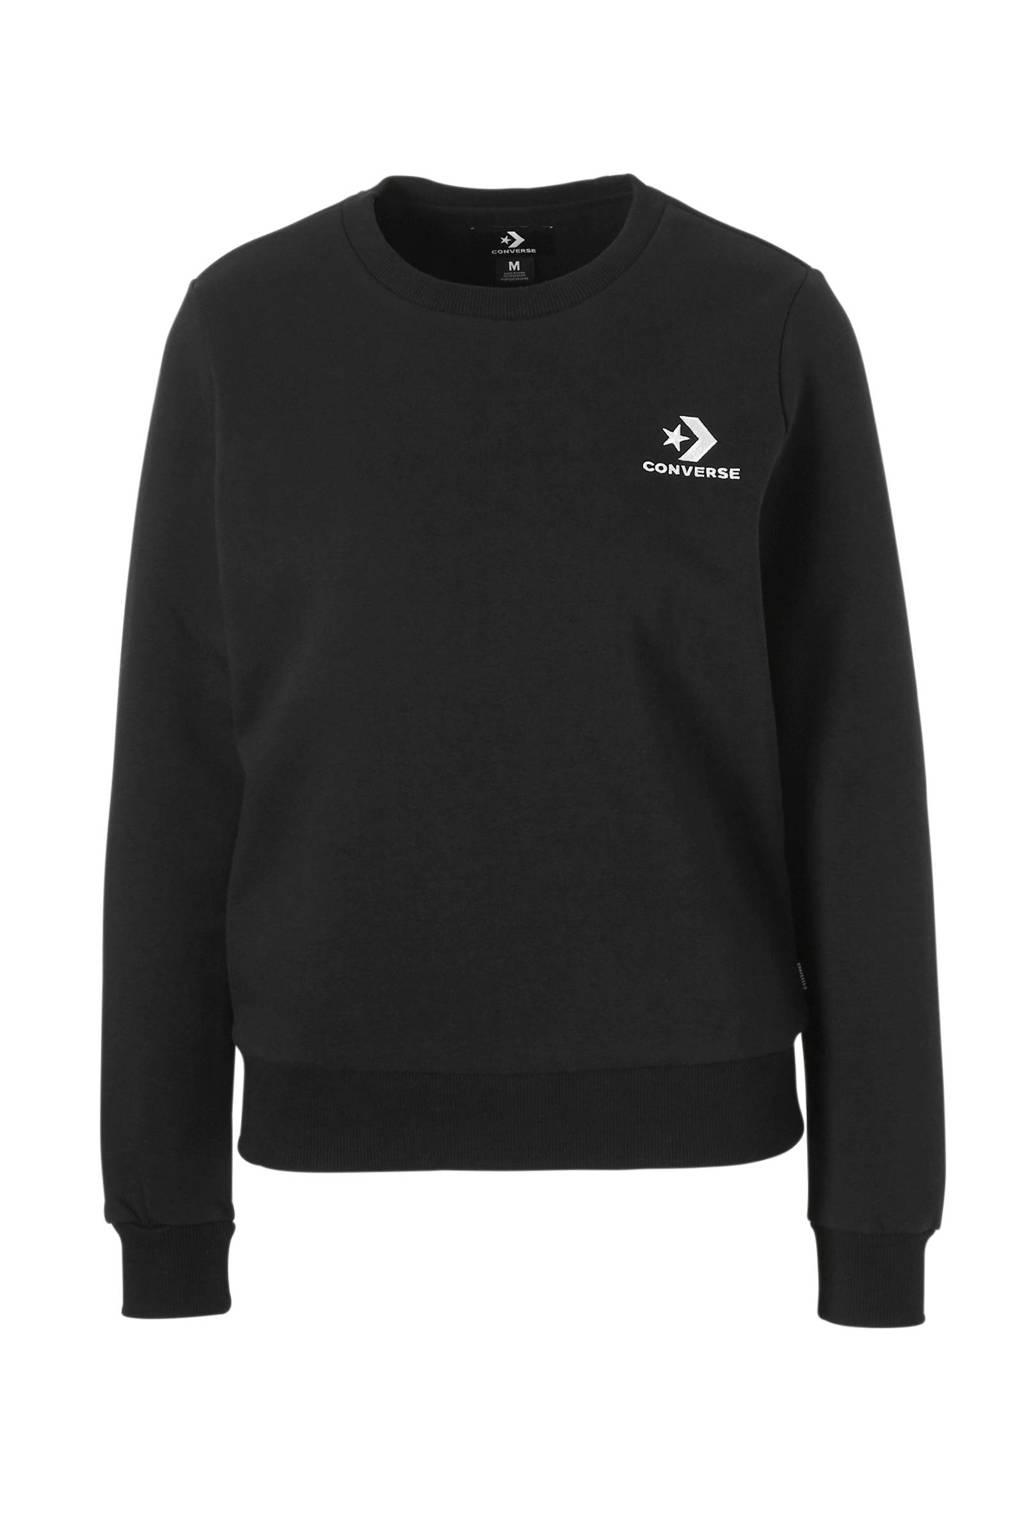 Converse sweater zwart, Zwart